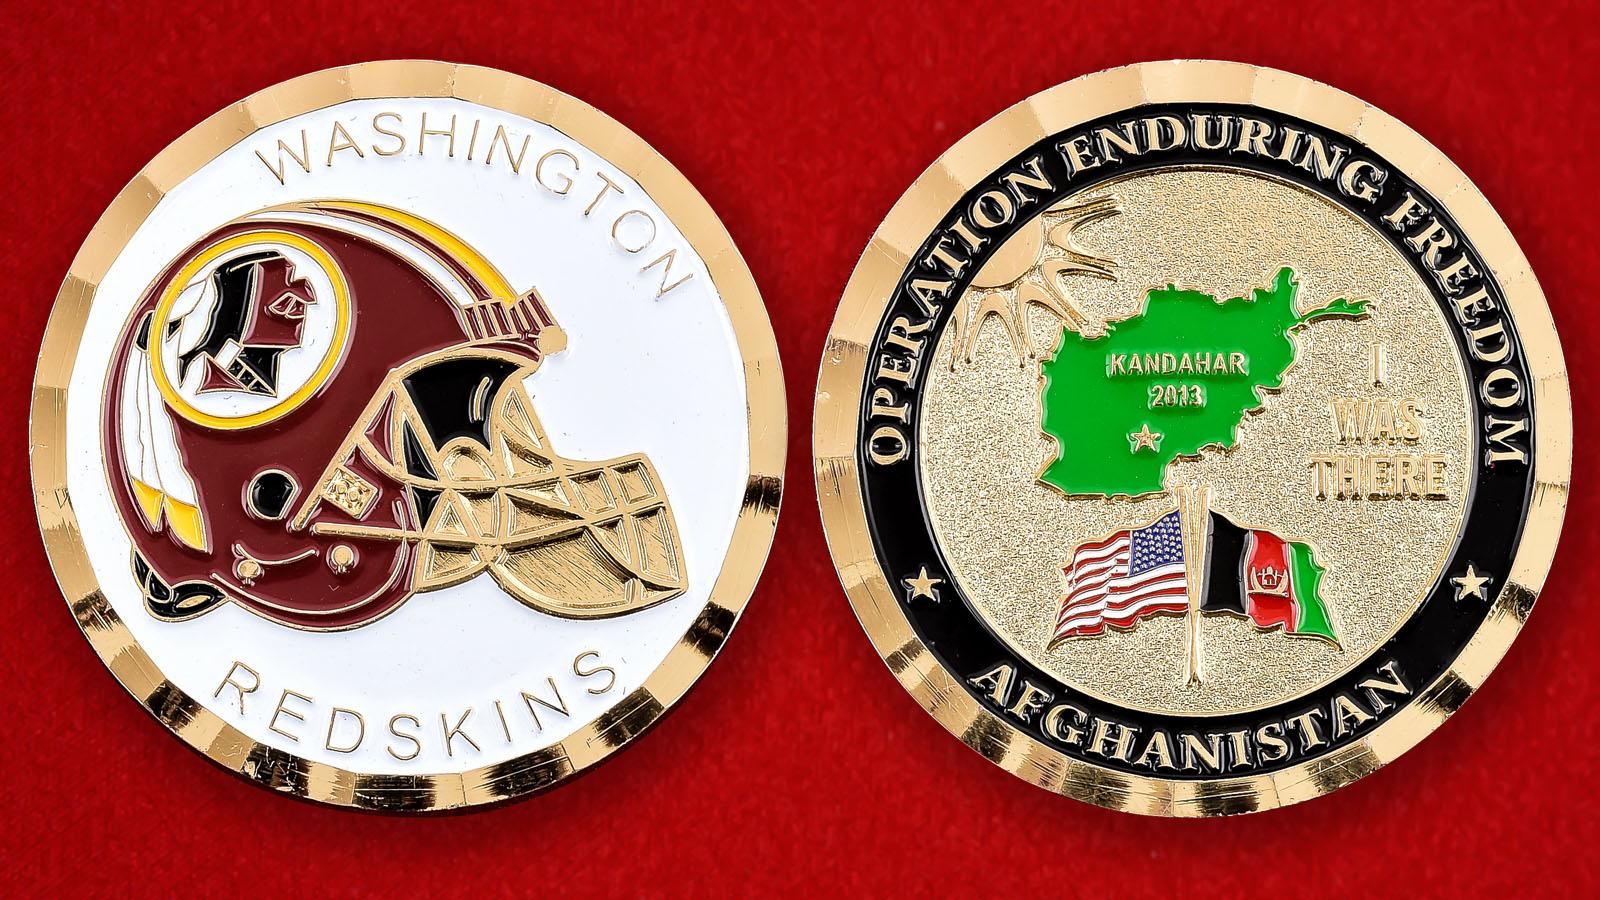 """Челлендж коин """"Washington Redskins в поддержку Операции Несокрушимая Свобода"""""""